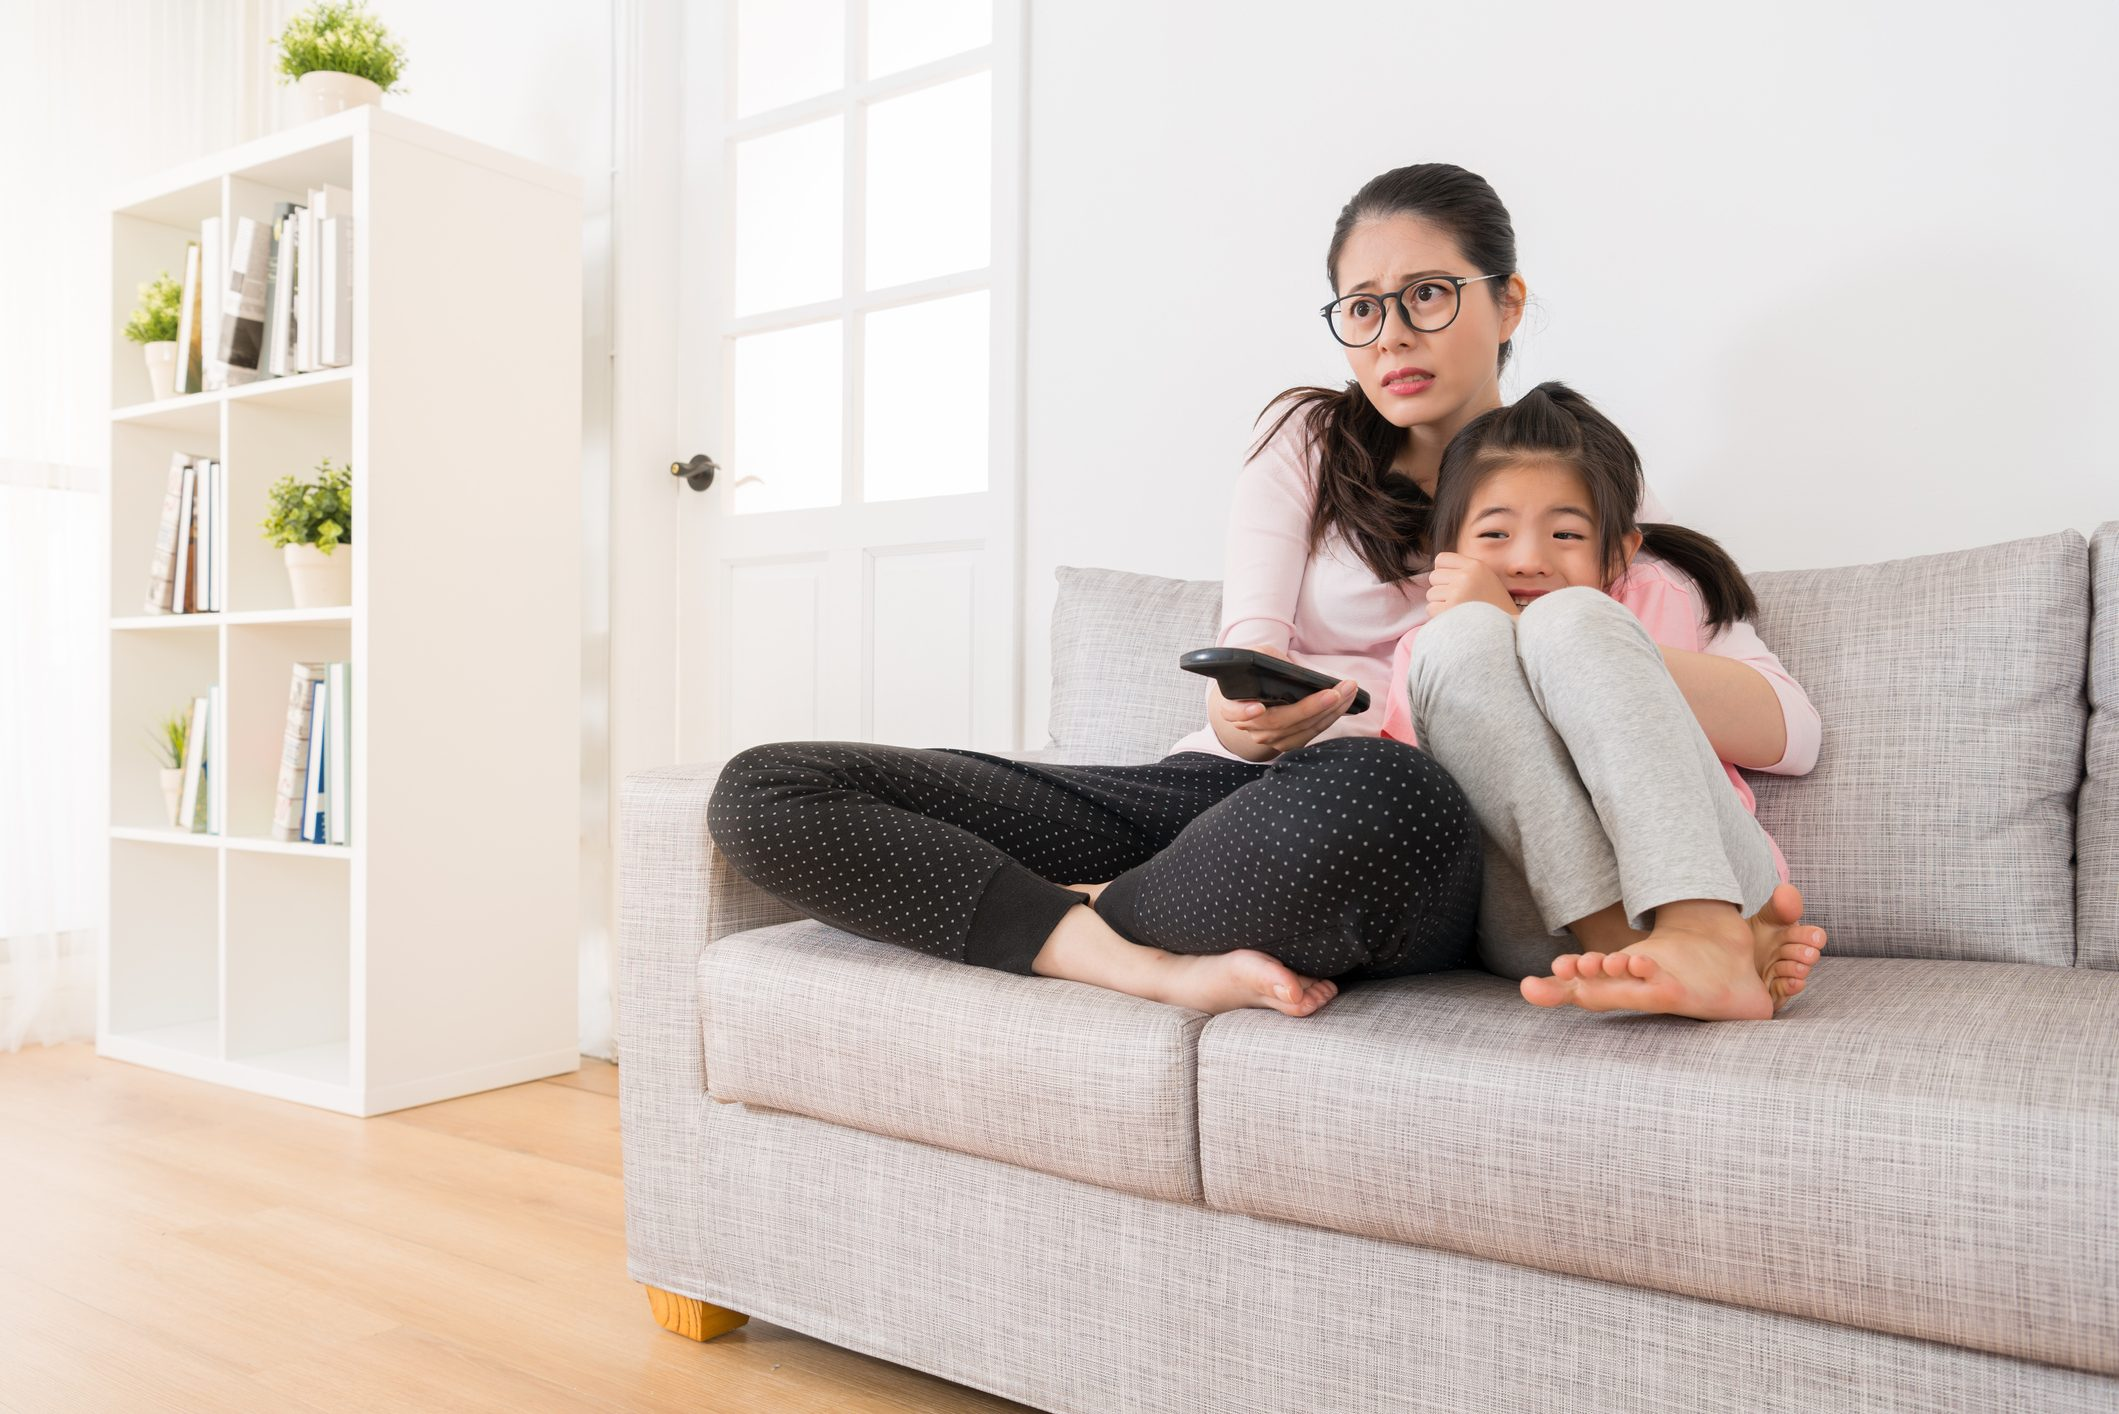 テレビ見る母子